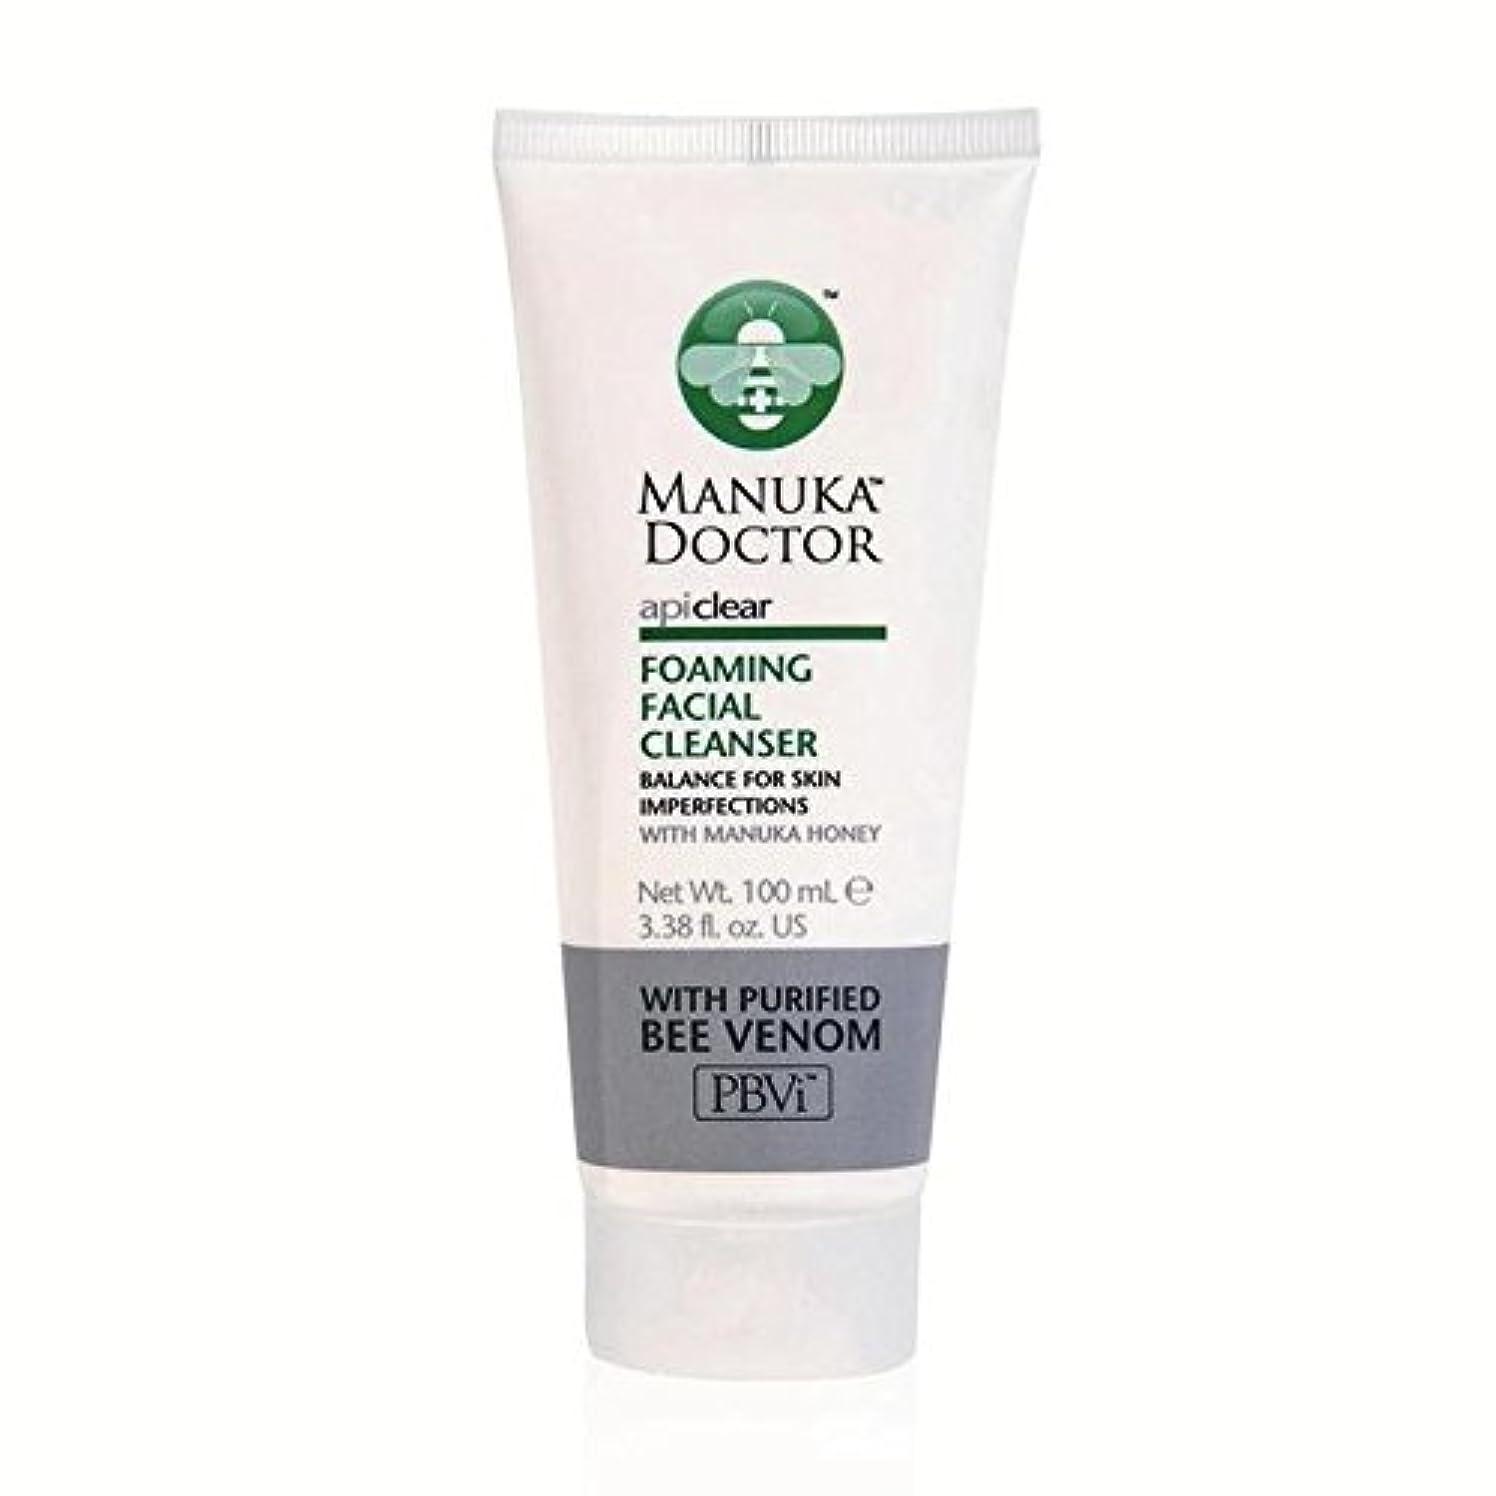 八エッセイ温かいManuka Doctor Api Clear Foaming Facial Cleanser 100ml - マヌカドクター明確な泡立ち洗顔料の100ミリリットル [並行輸入品]